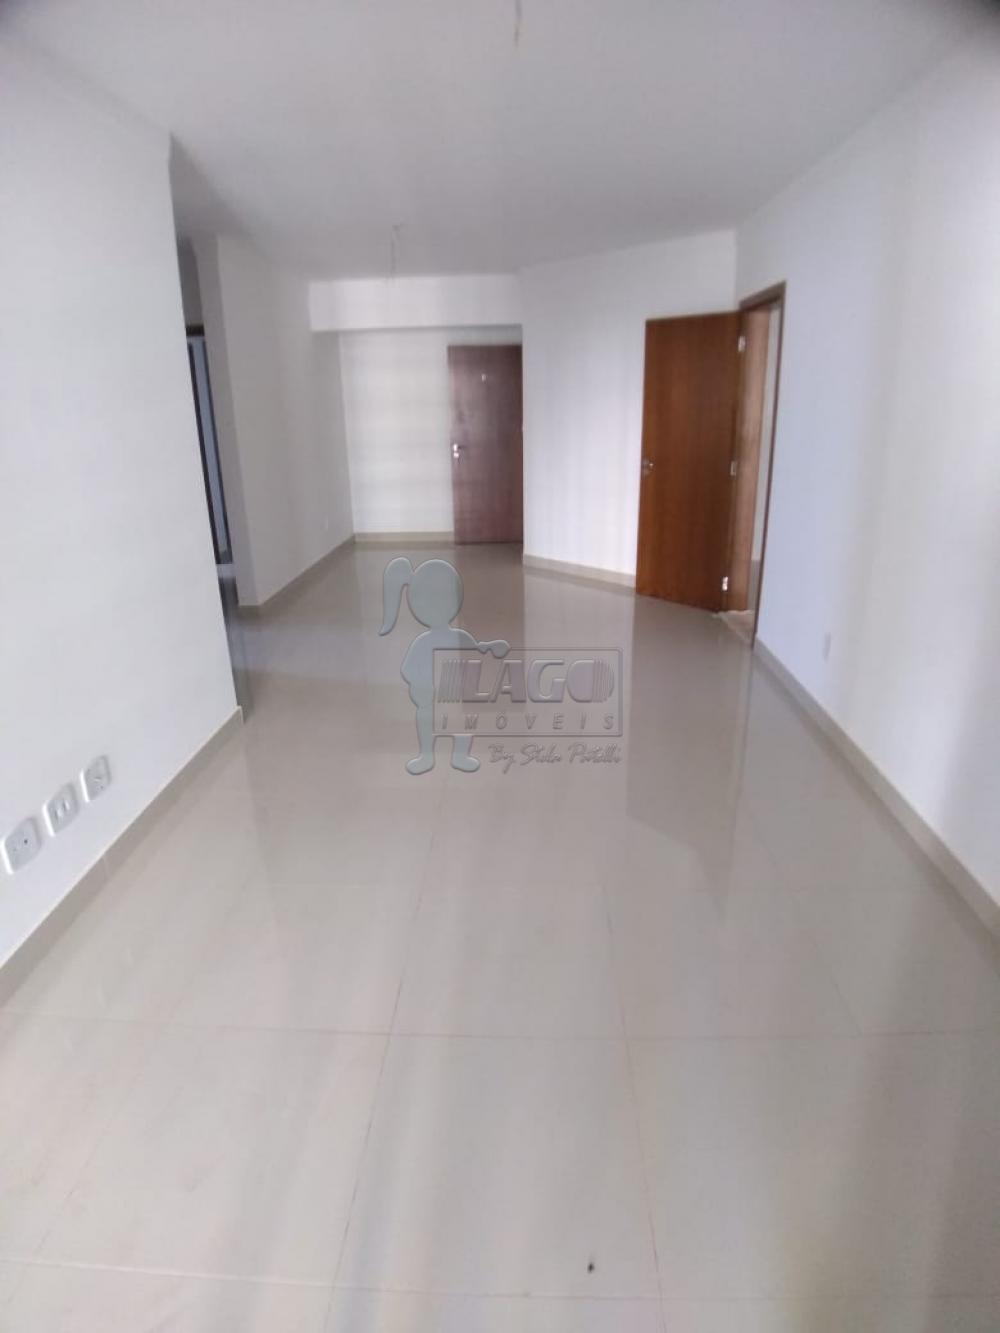 Ribeirao Preto Apartamento Venda R$550.000,00 Condominio R$410,00 3 Dormitorios 3 Suites Area construida 119.86m2